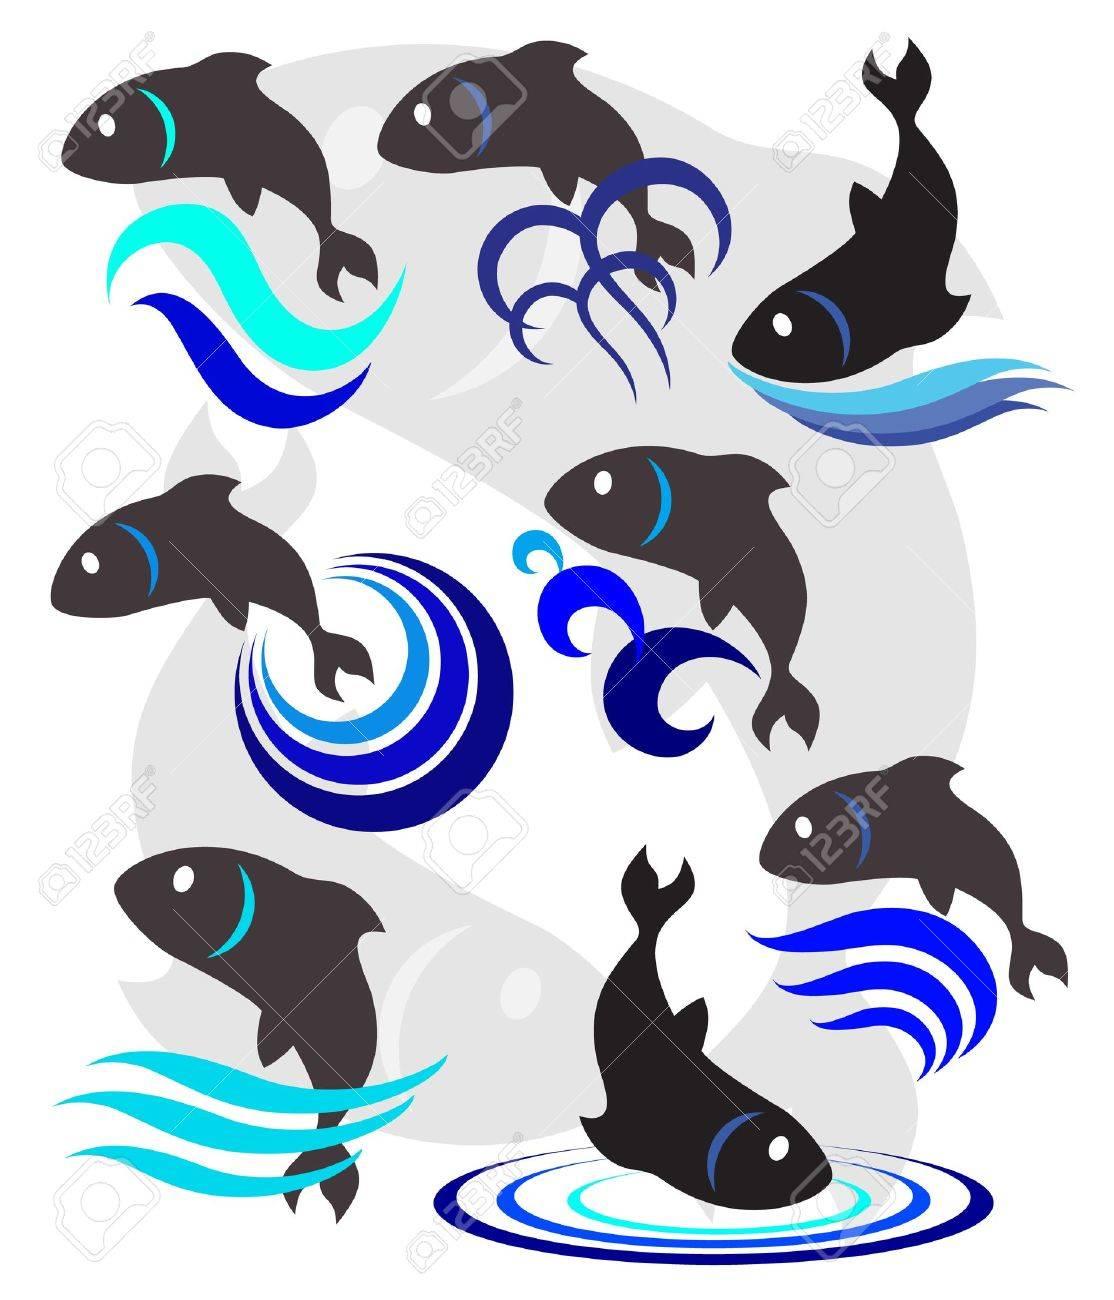 一連のロゴのための魚、魚のイラスト ロイヤリティフリークリップアート